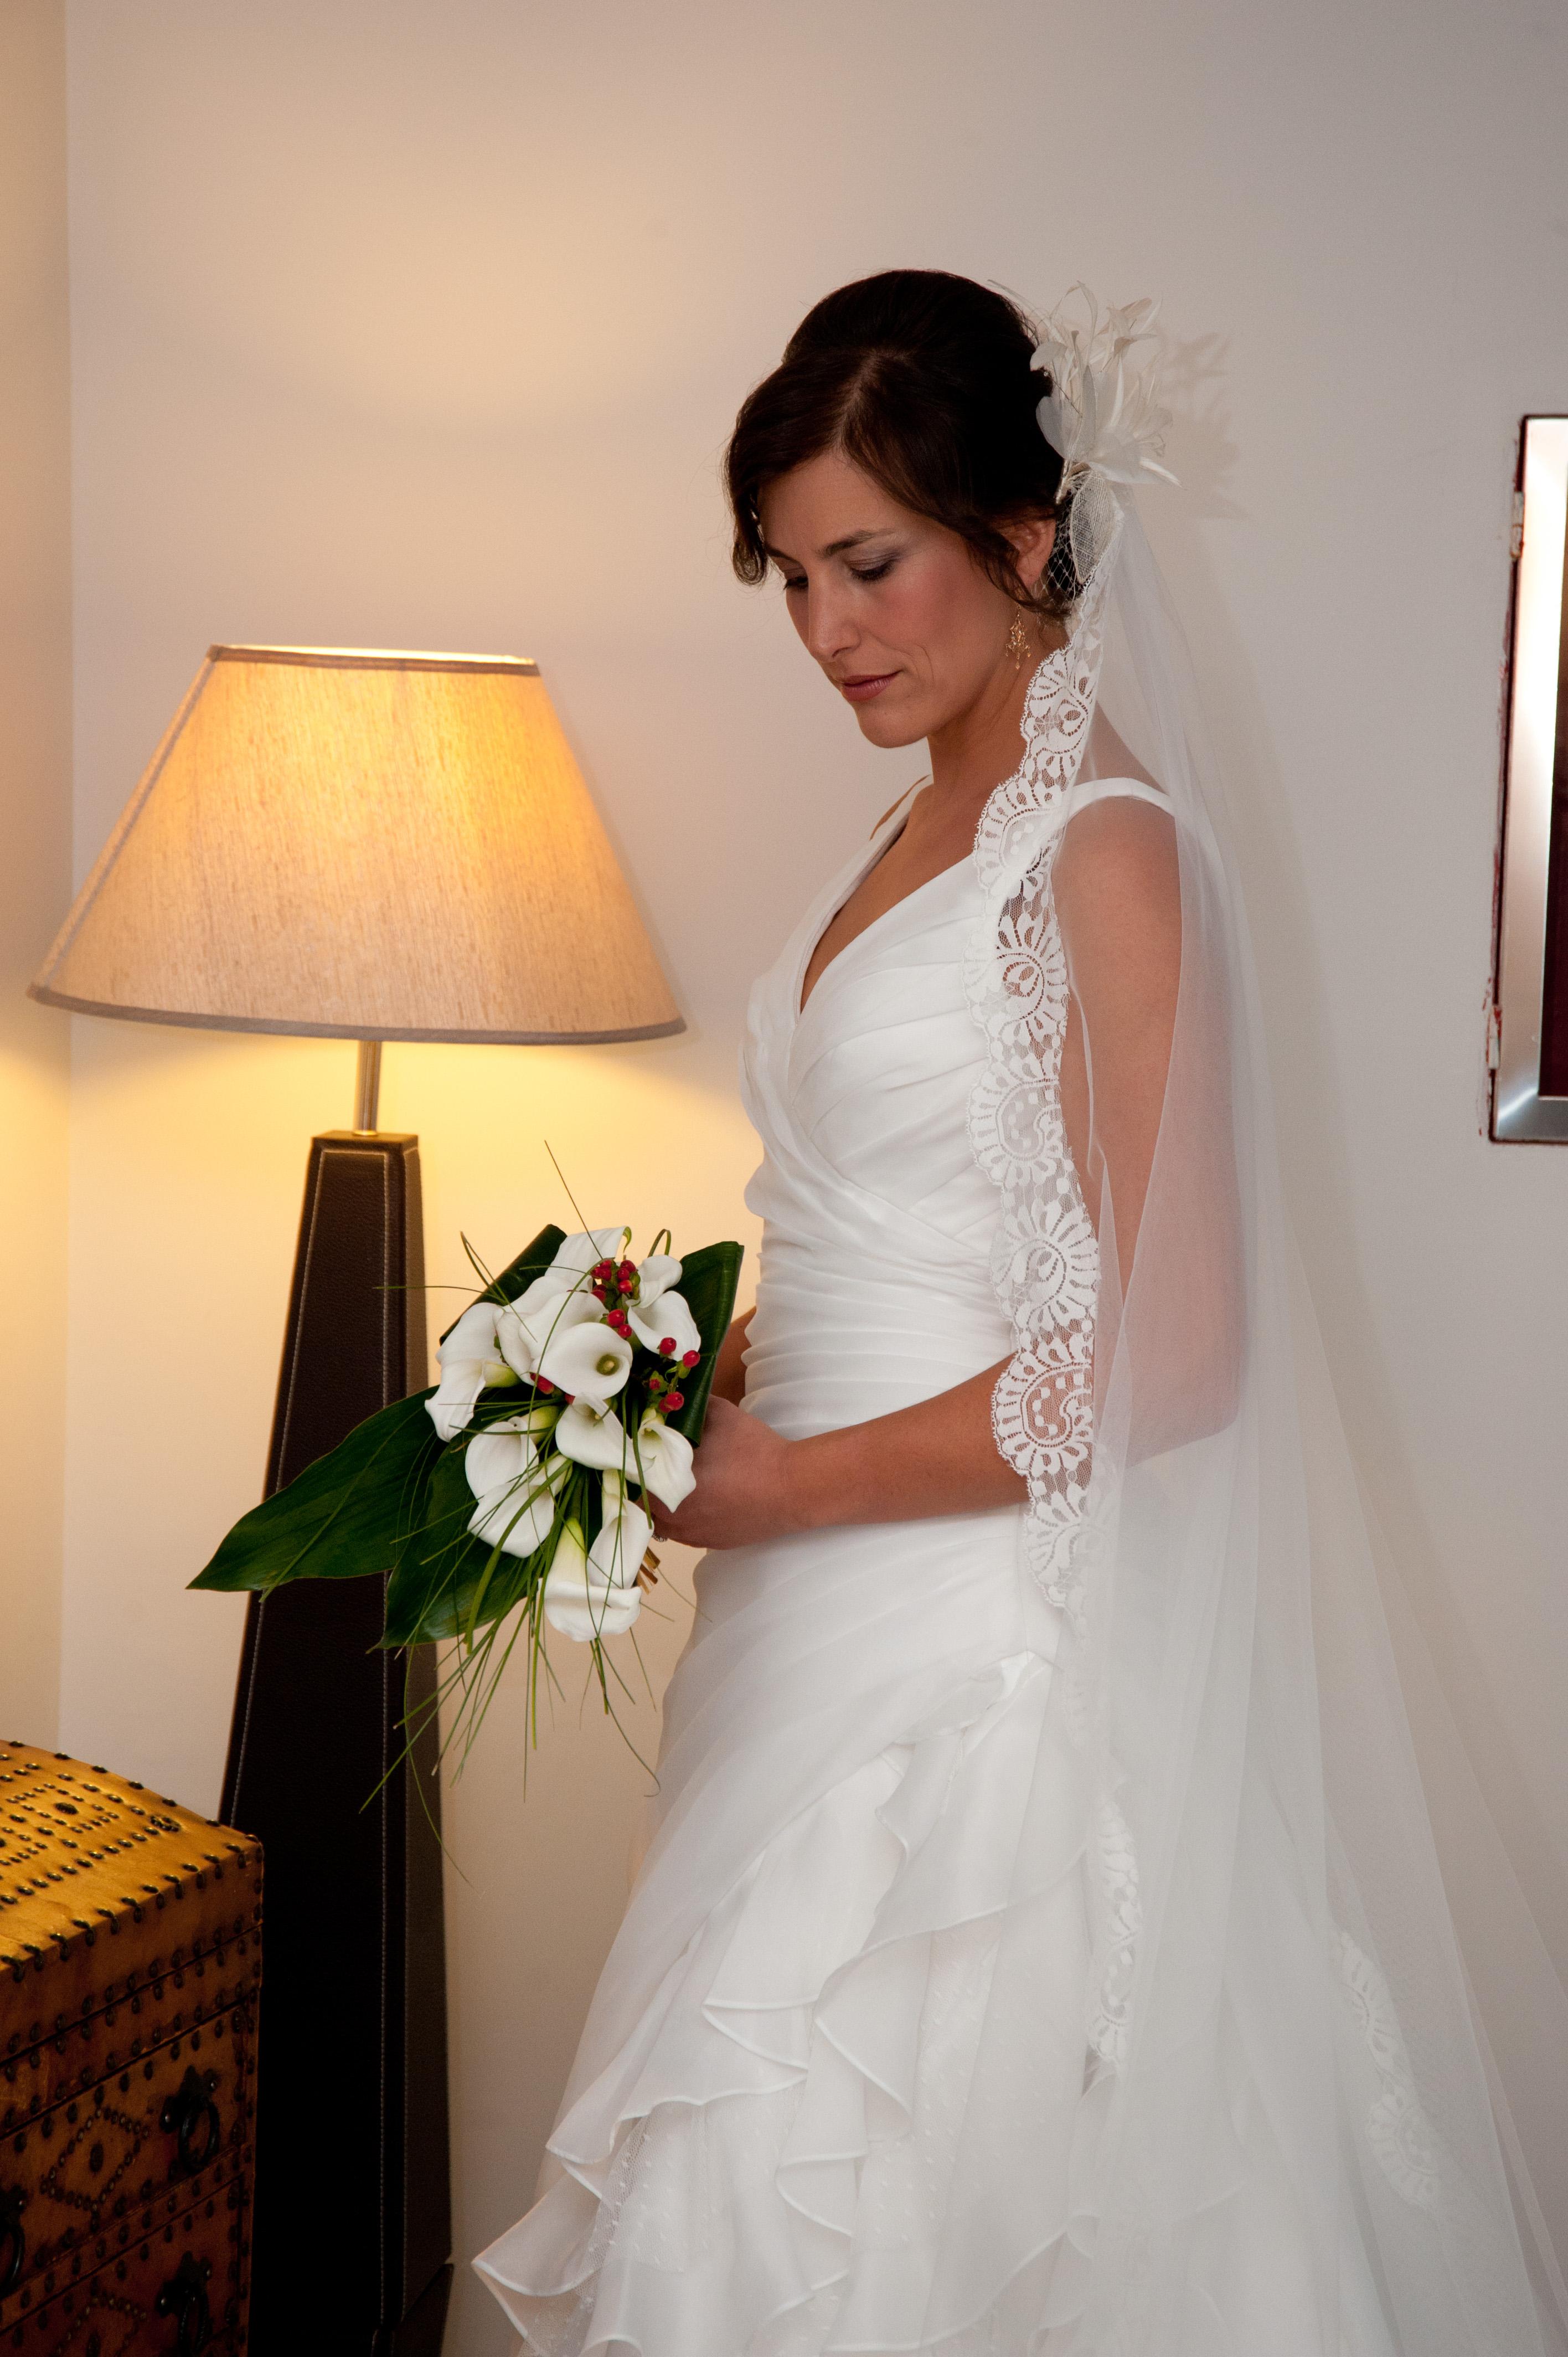 325846a4a En Innovias queremos darte algunas pautas para elegir el velo de novia  entre la variada oferta que tenemos y que también puedes comprar en la shop  online de ...